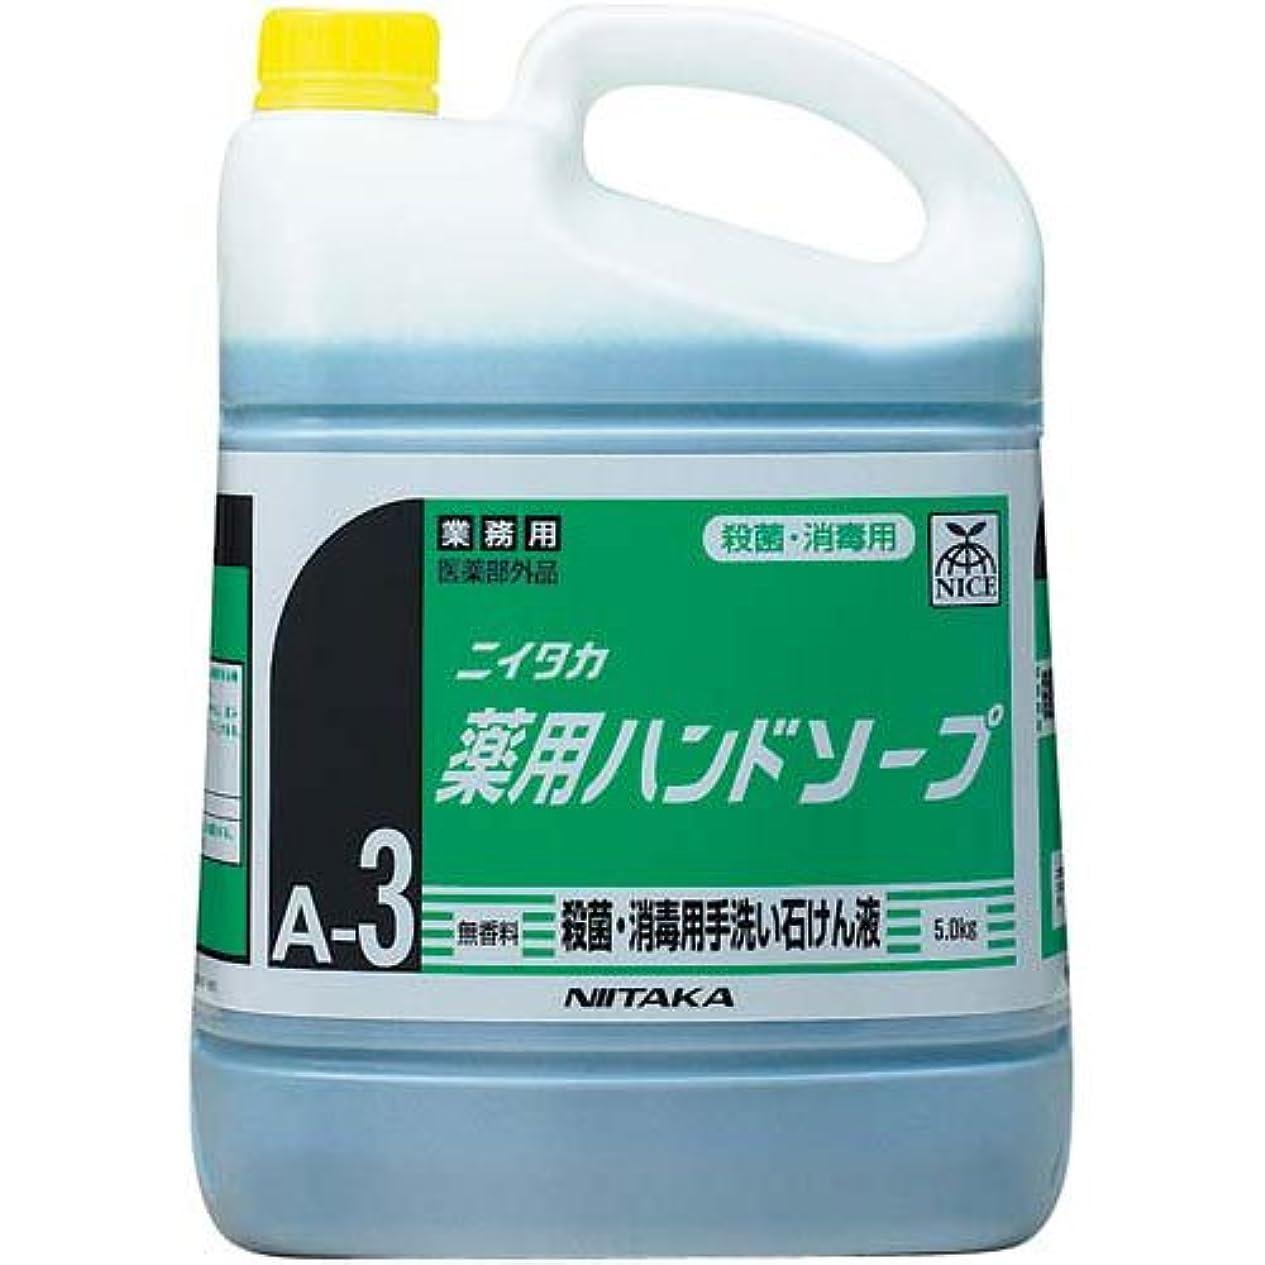 自治宿医薬ニイタカ 薬用ハンドソープ 5kg×3本